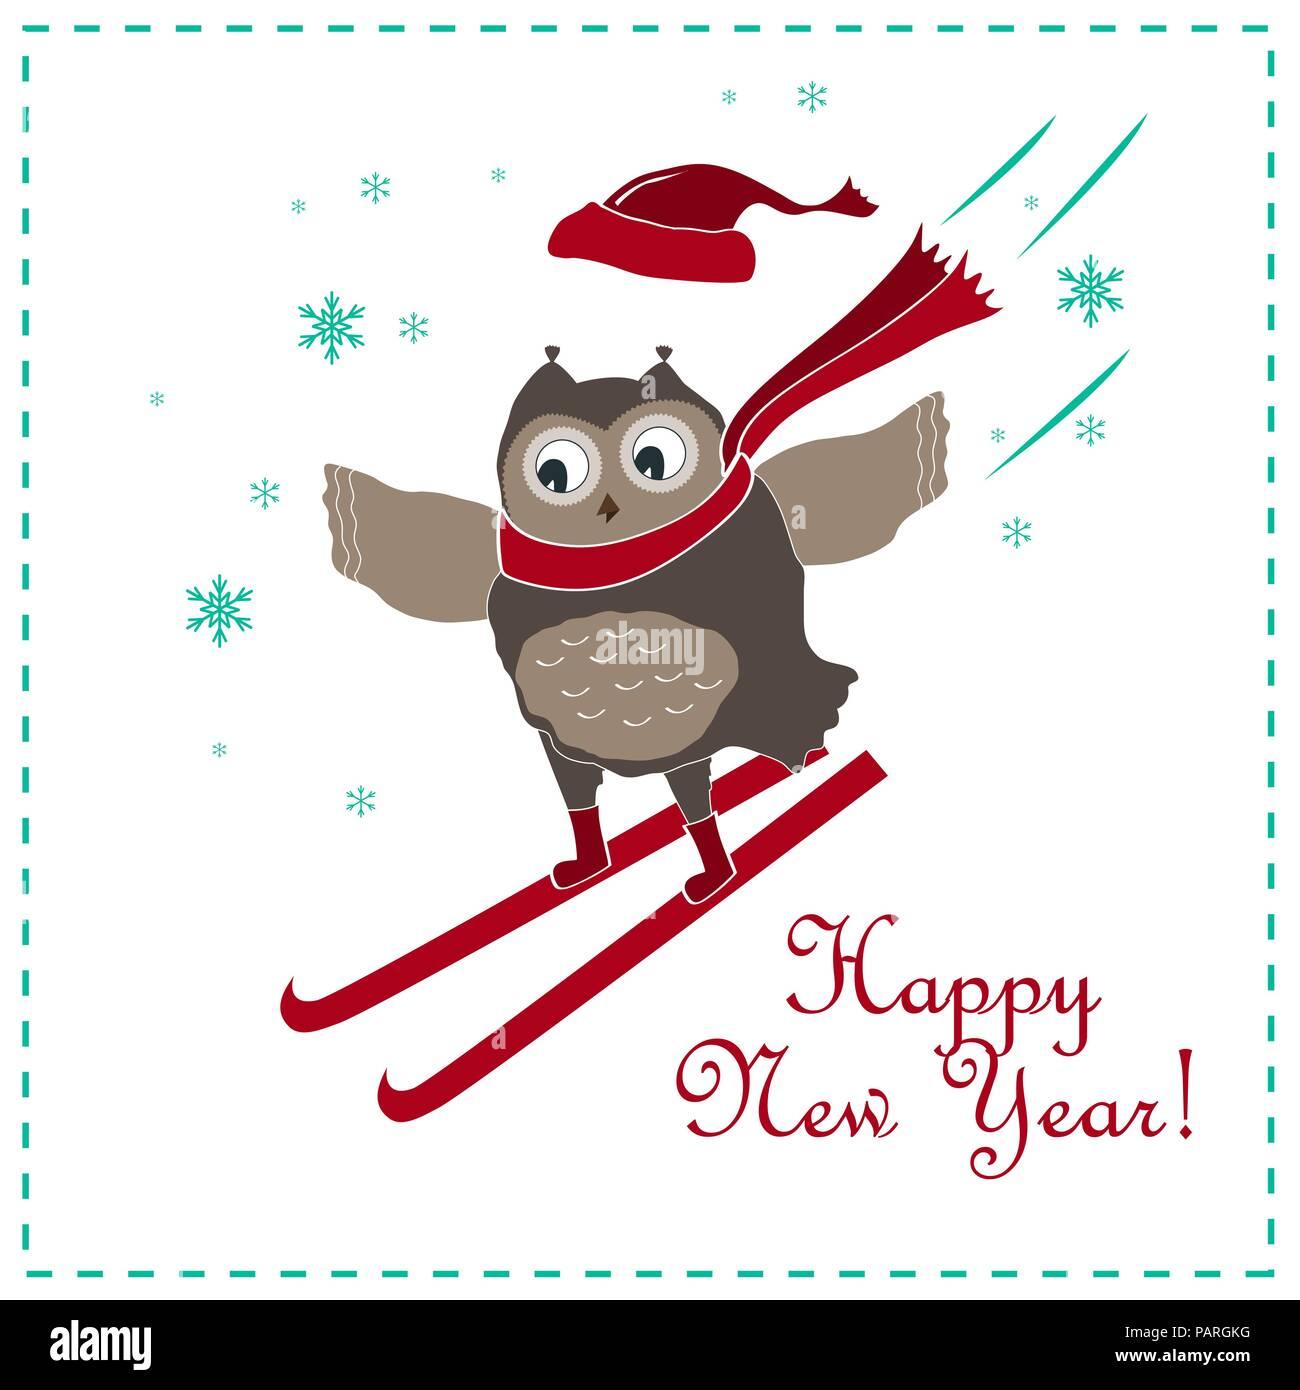 Drole Et Mignon Ski Owl Nouvel An Et Carte De Noel Vector Illustration Image Vectorielle Stock Alamy